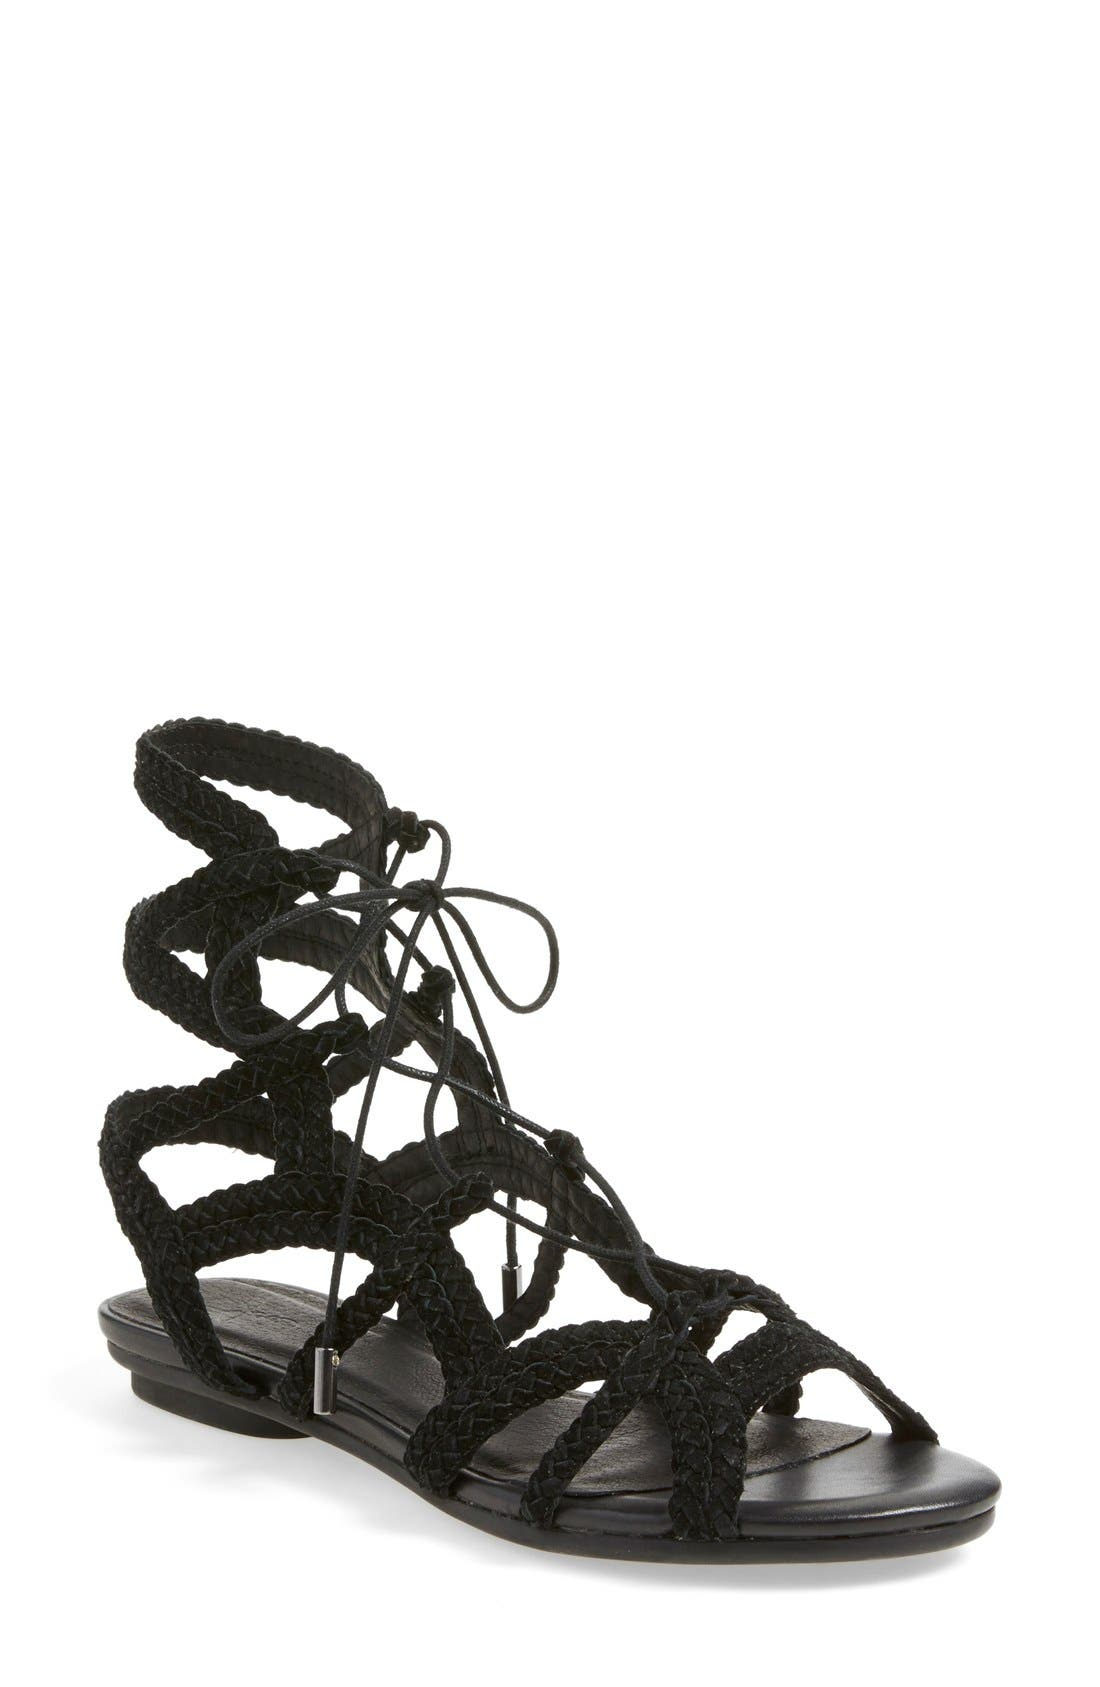 Alternate Image 1 Selected - Joie 'Fynn' Gladiator Sandal (Women)